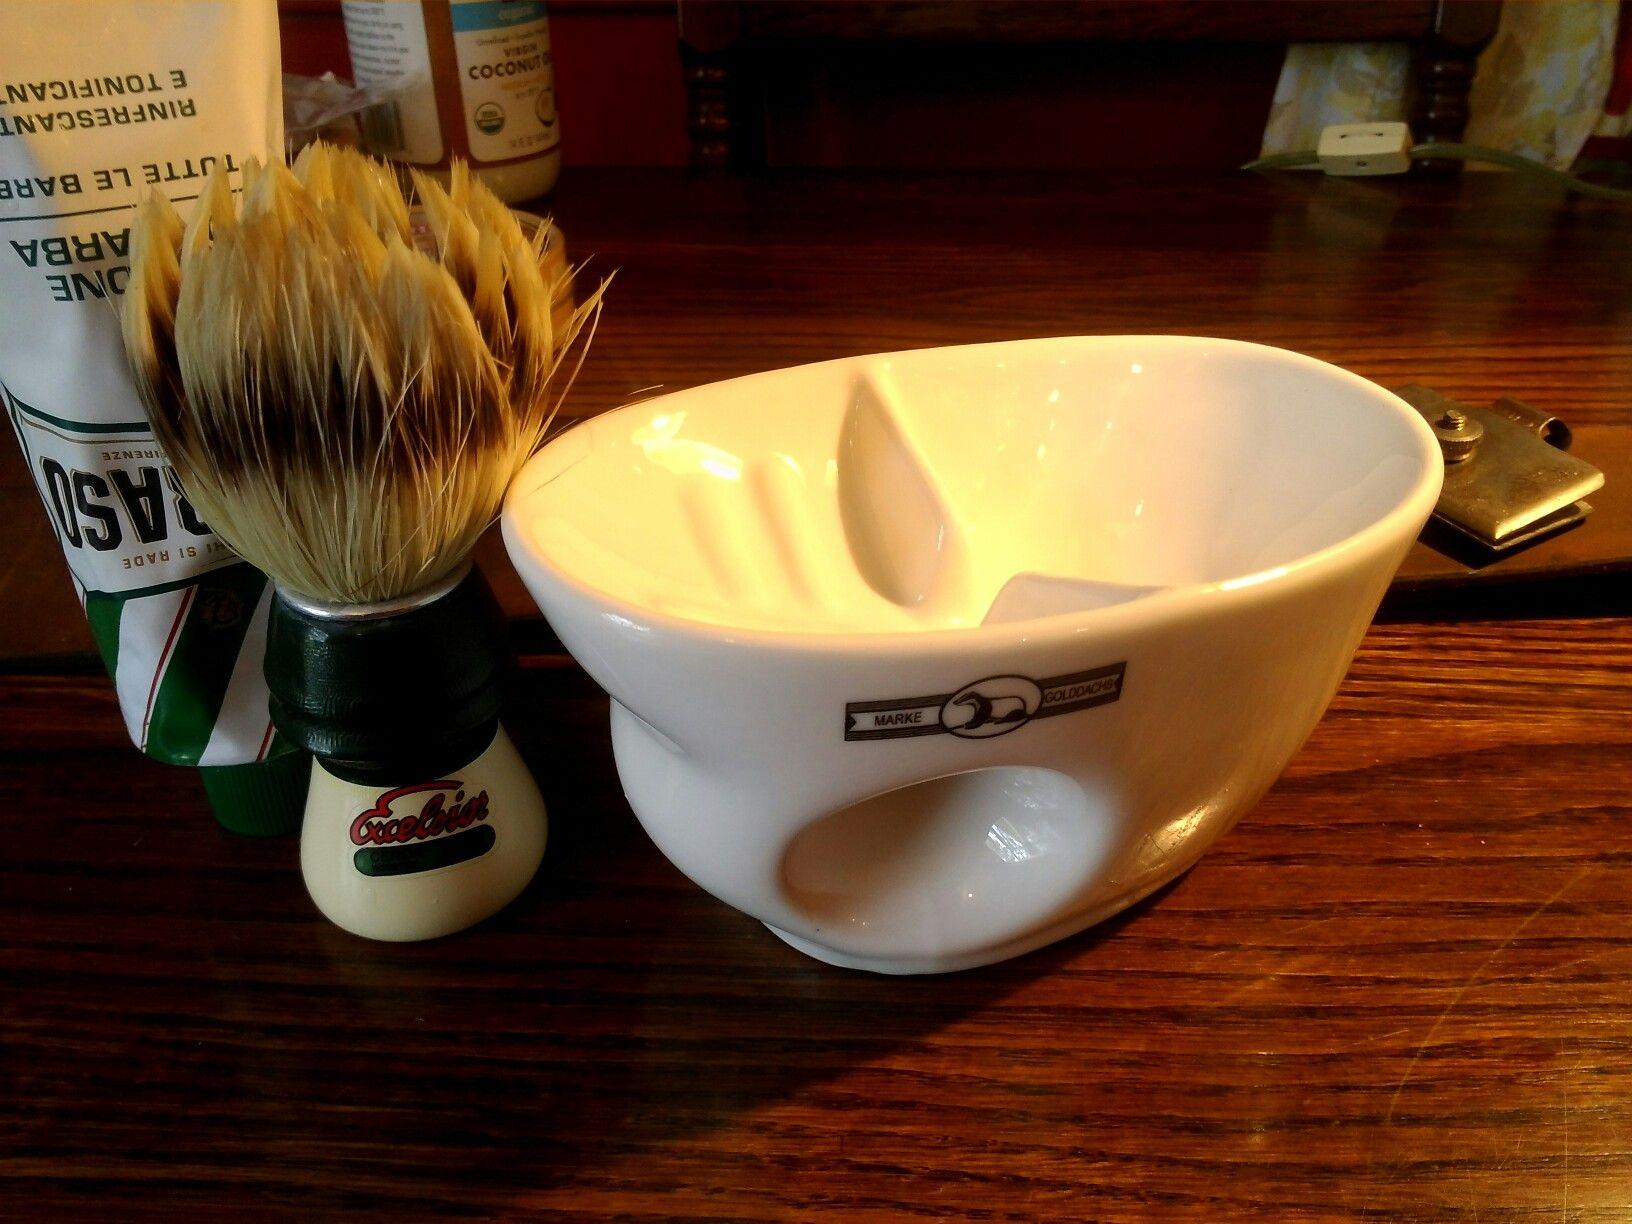 Golddachs ceramic scuttle wet shaving shaving mugs